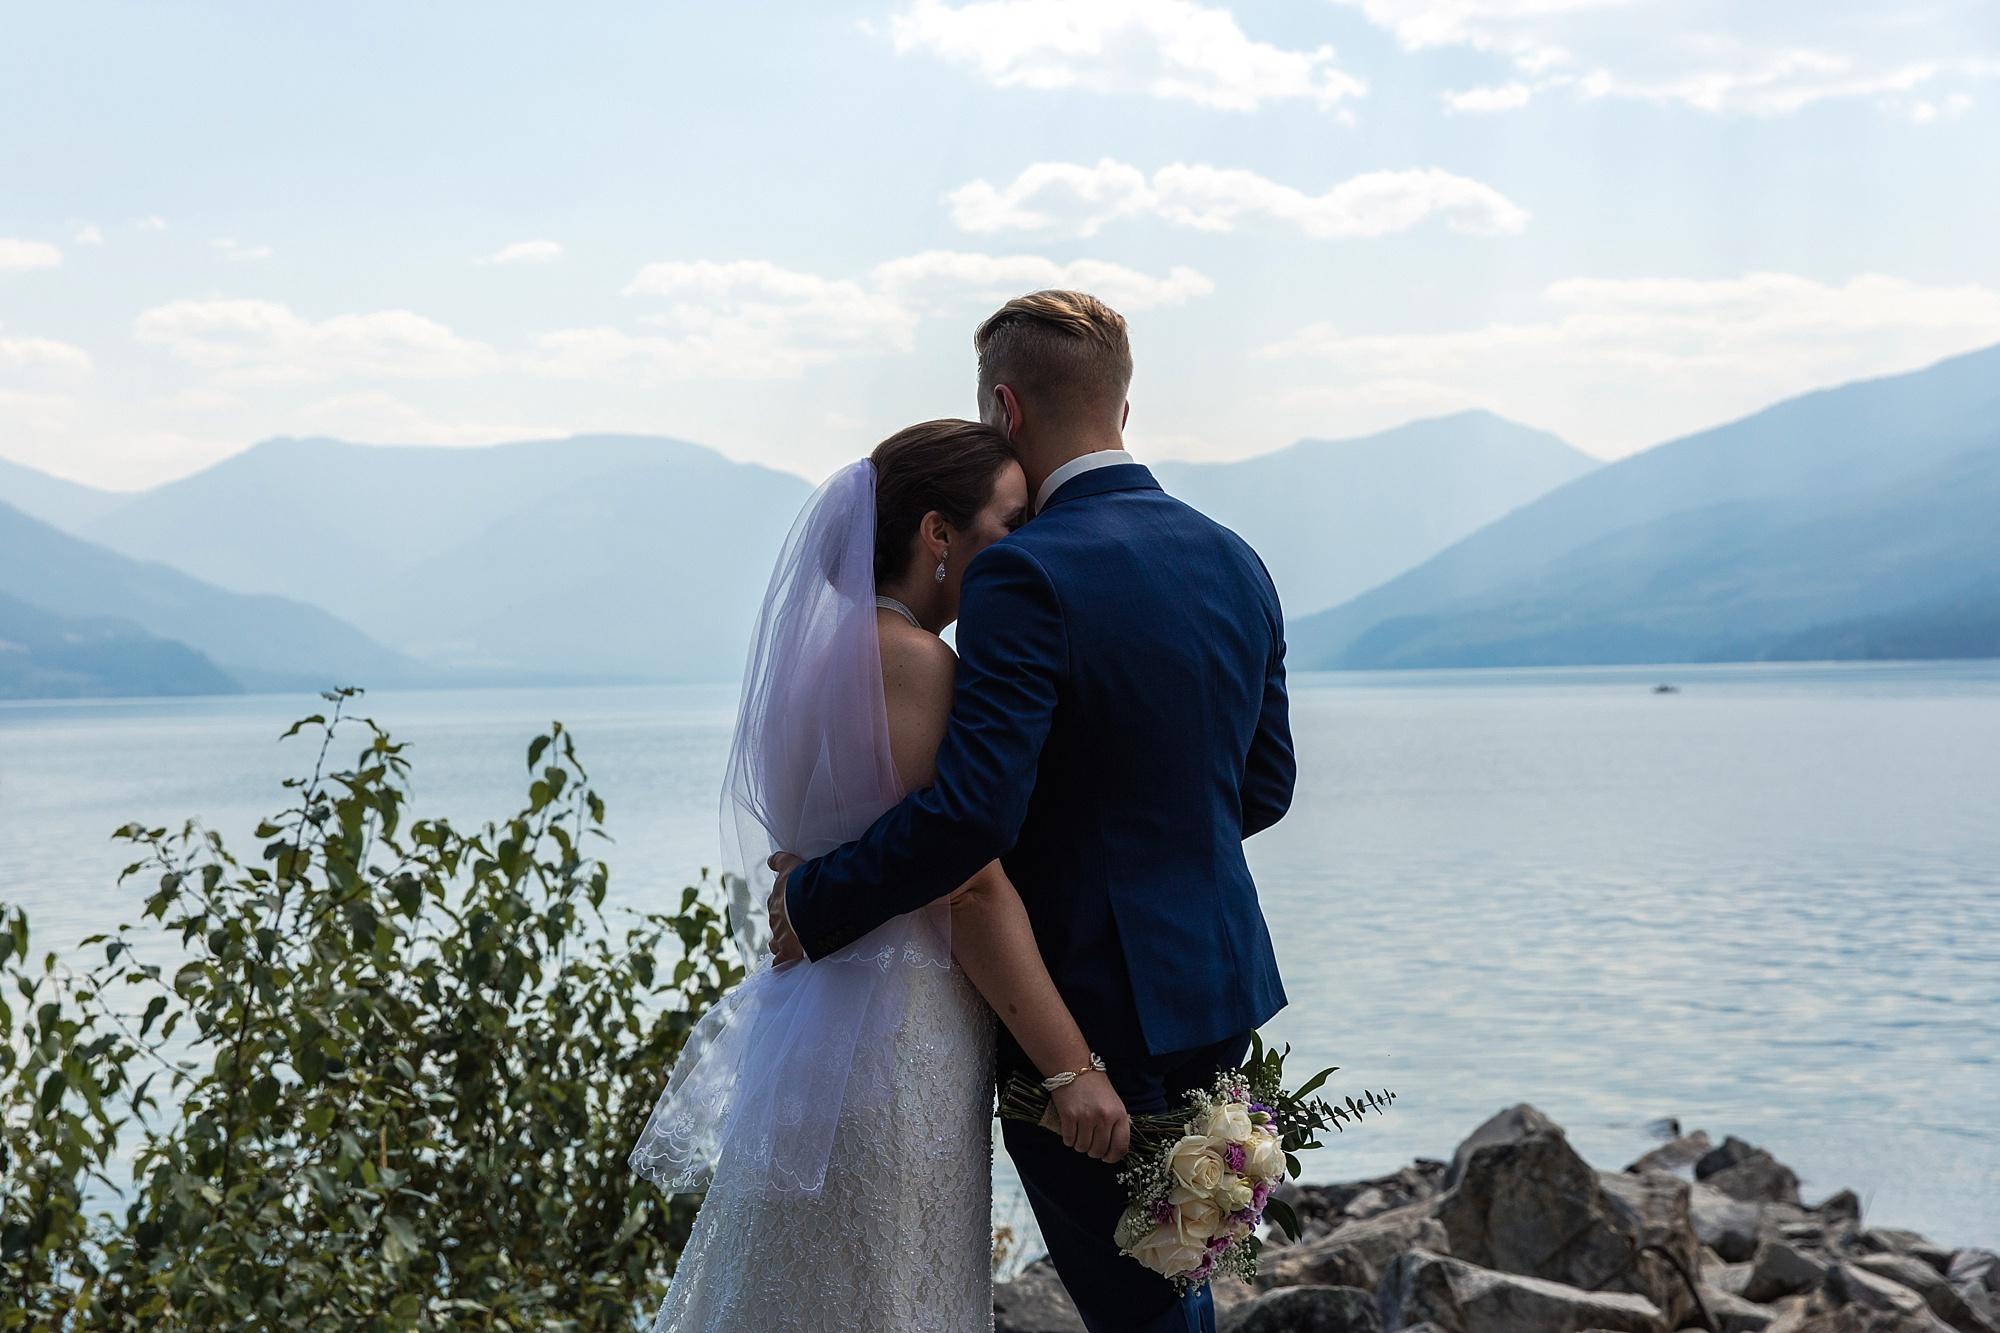 nakusp-wedding-photographer_0021.jpg